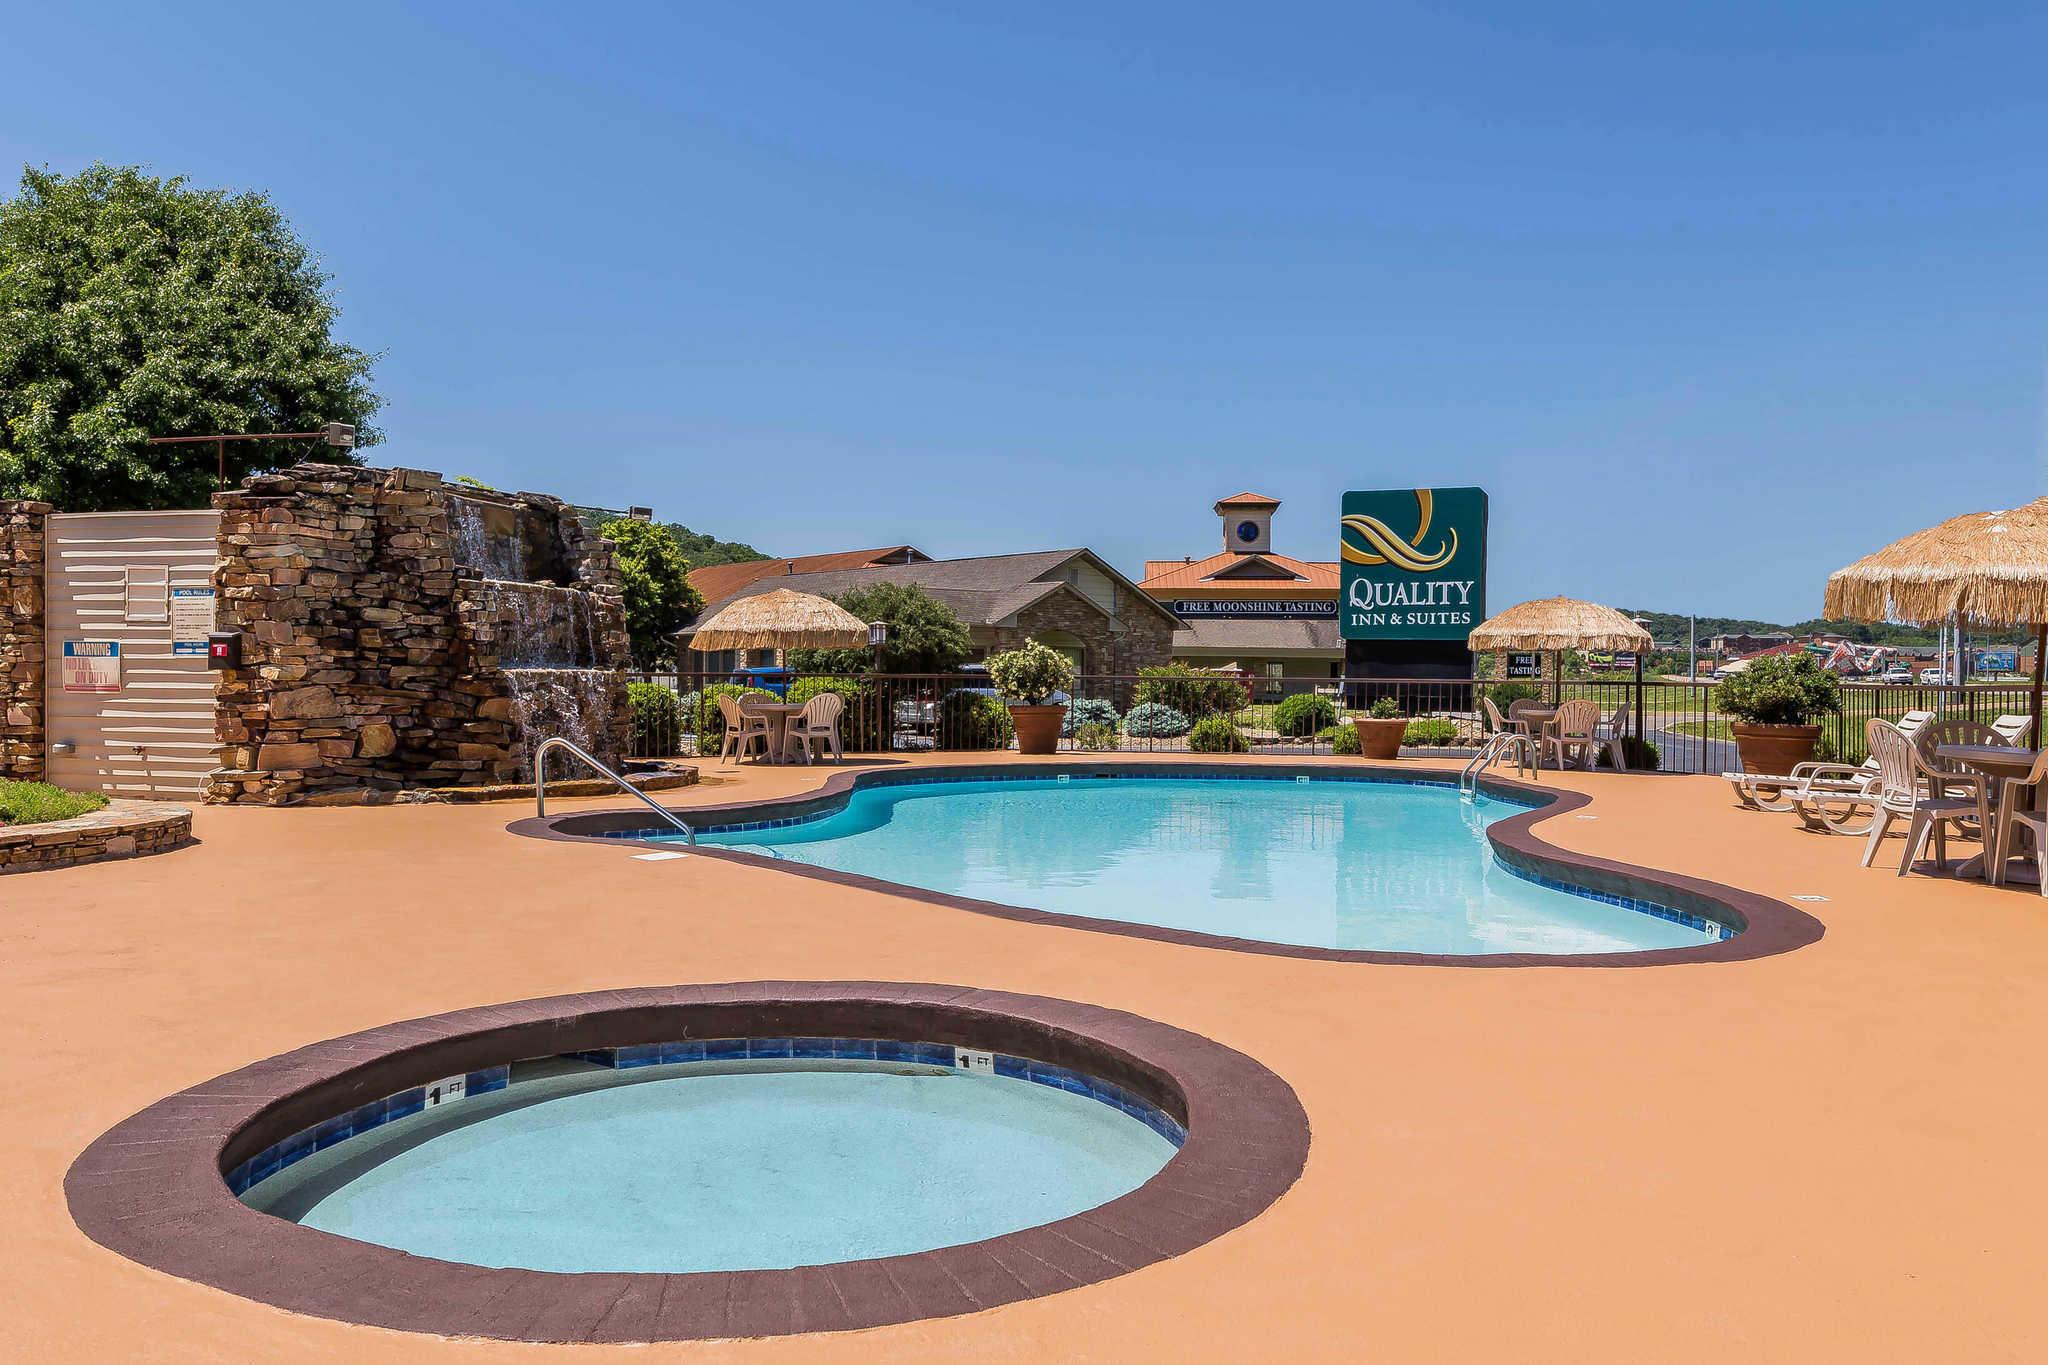 Quality Inn & Suites River Suites image 29